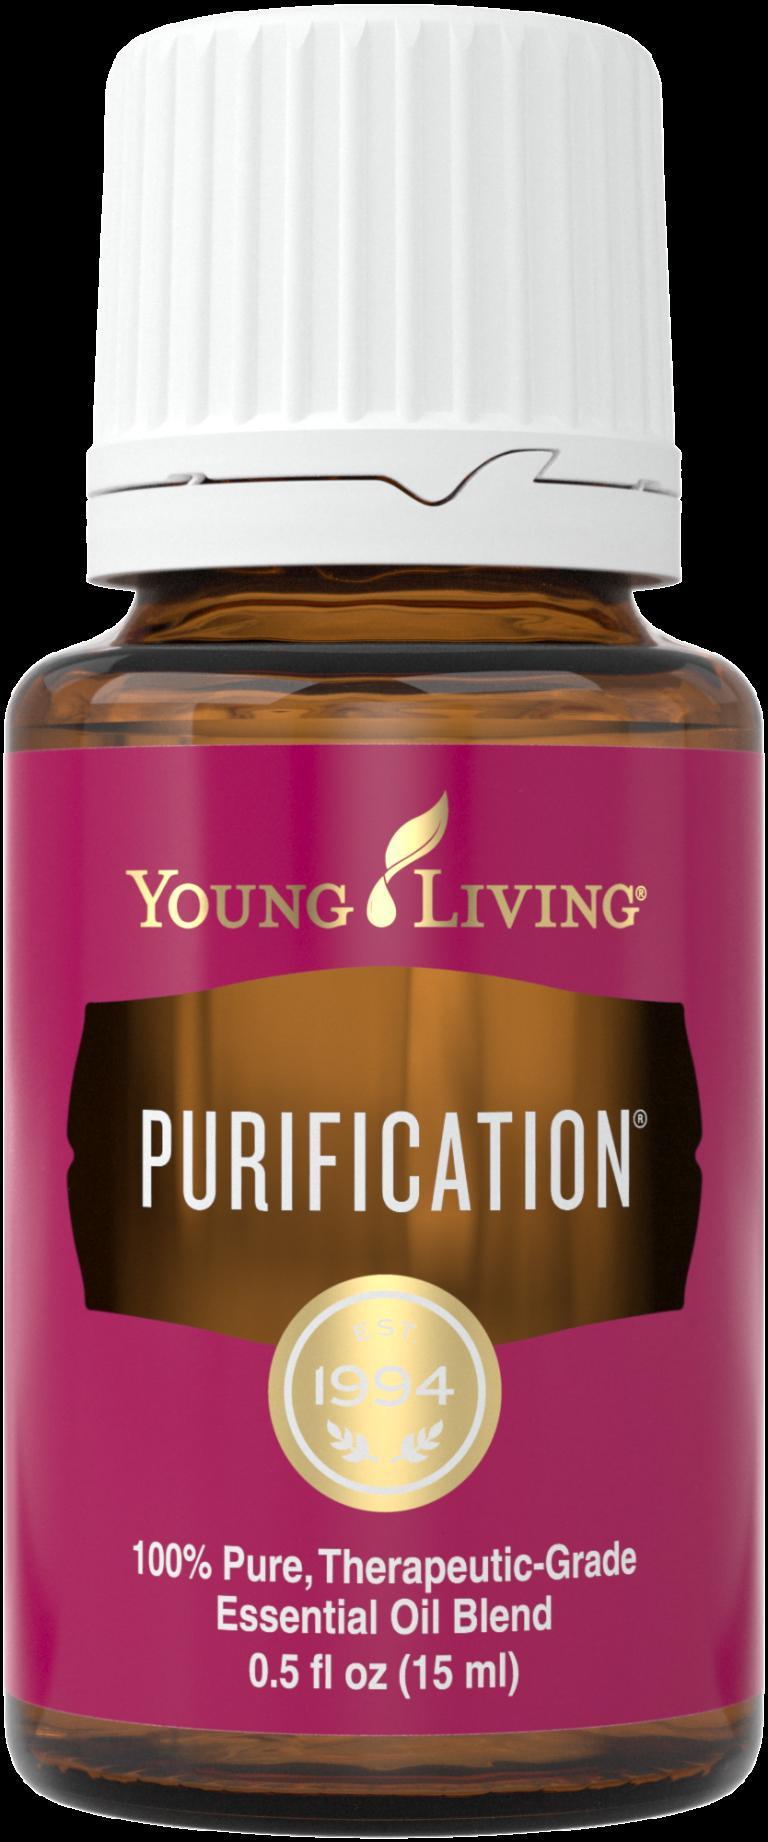 purification_15ml_silo_us_2016_24527180645_o